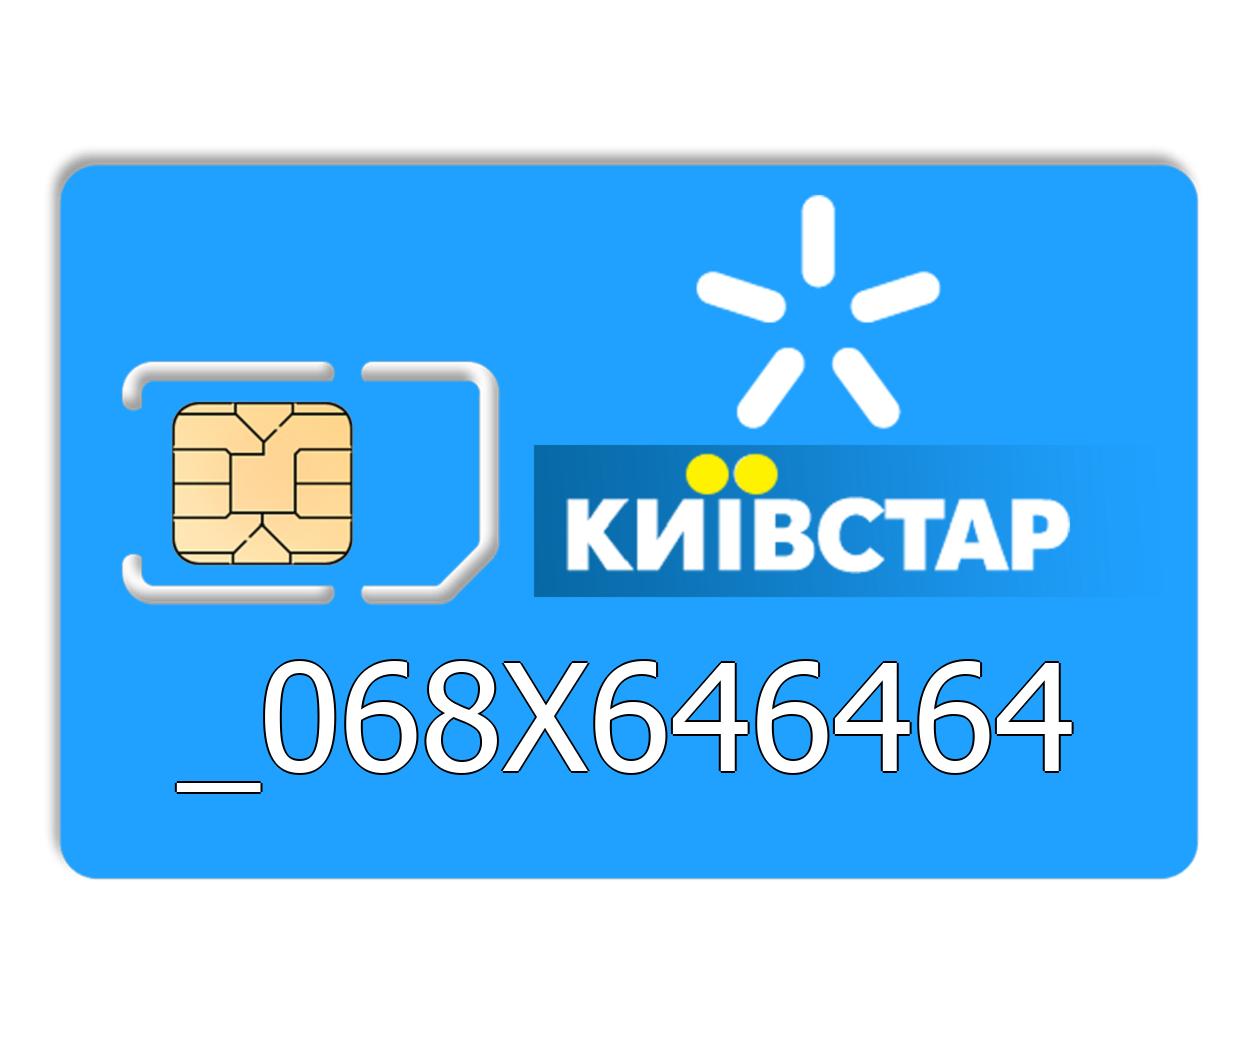 Красивый номер Киевстар 068X646464